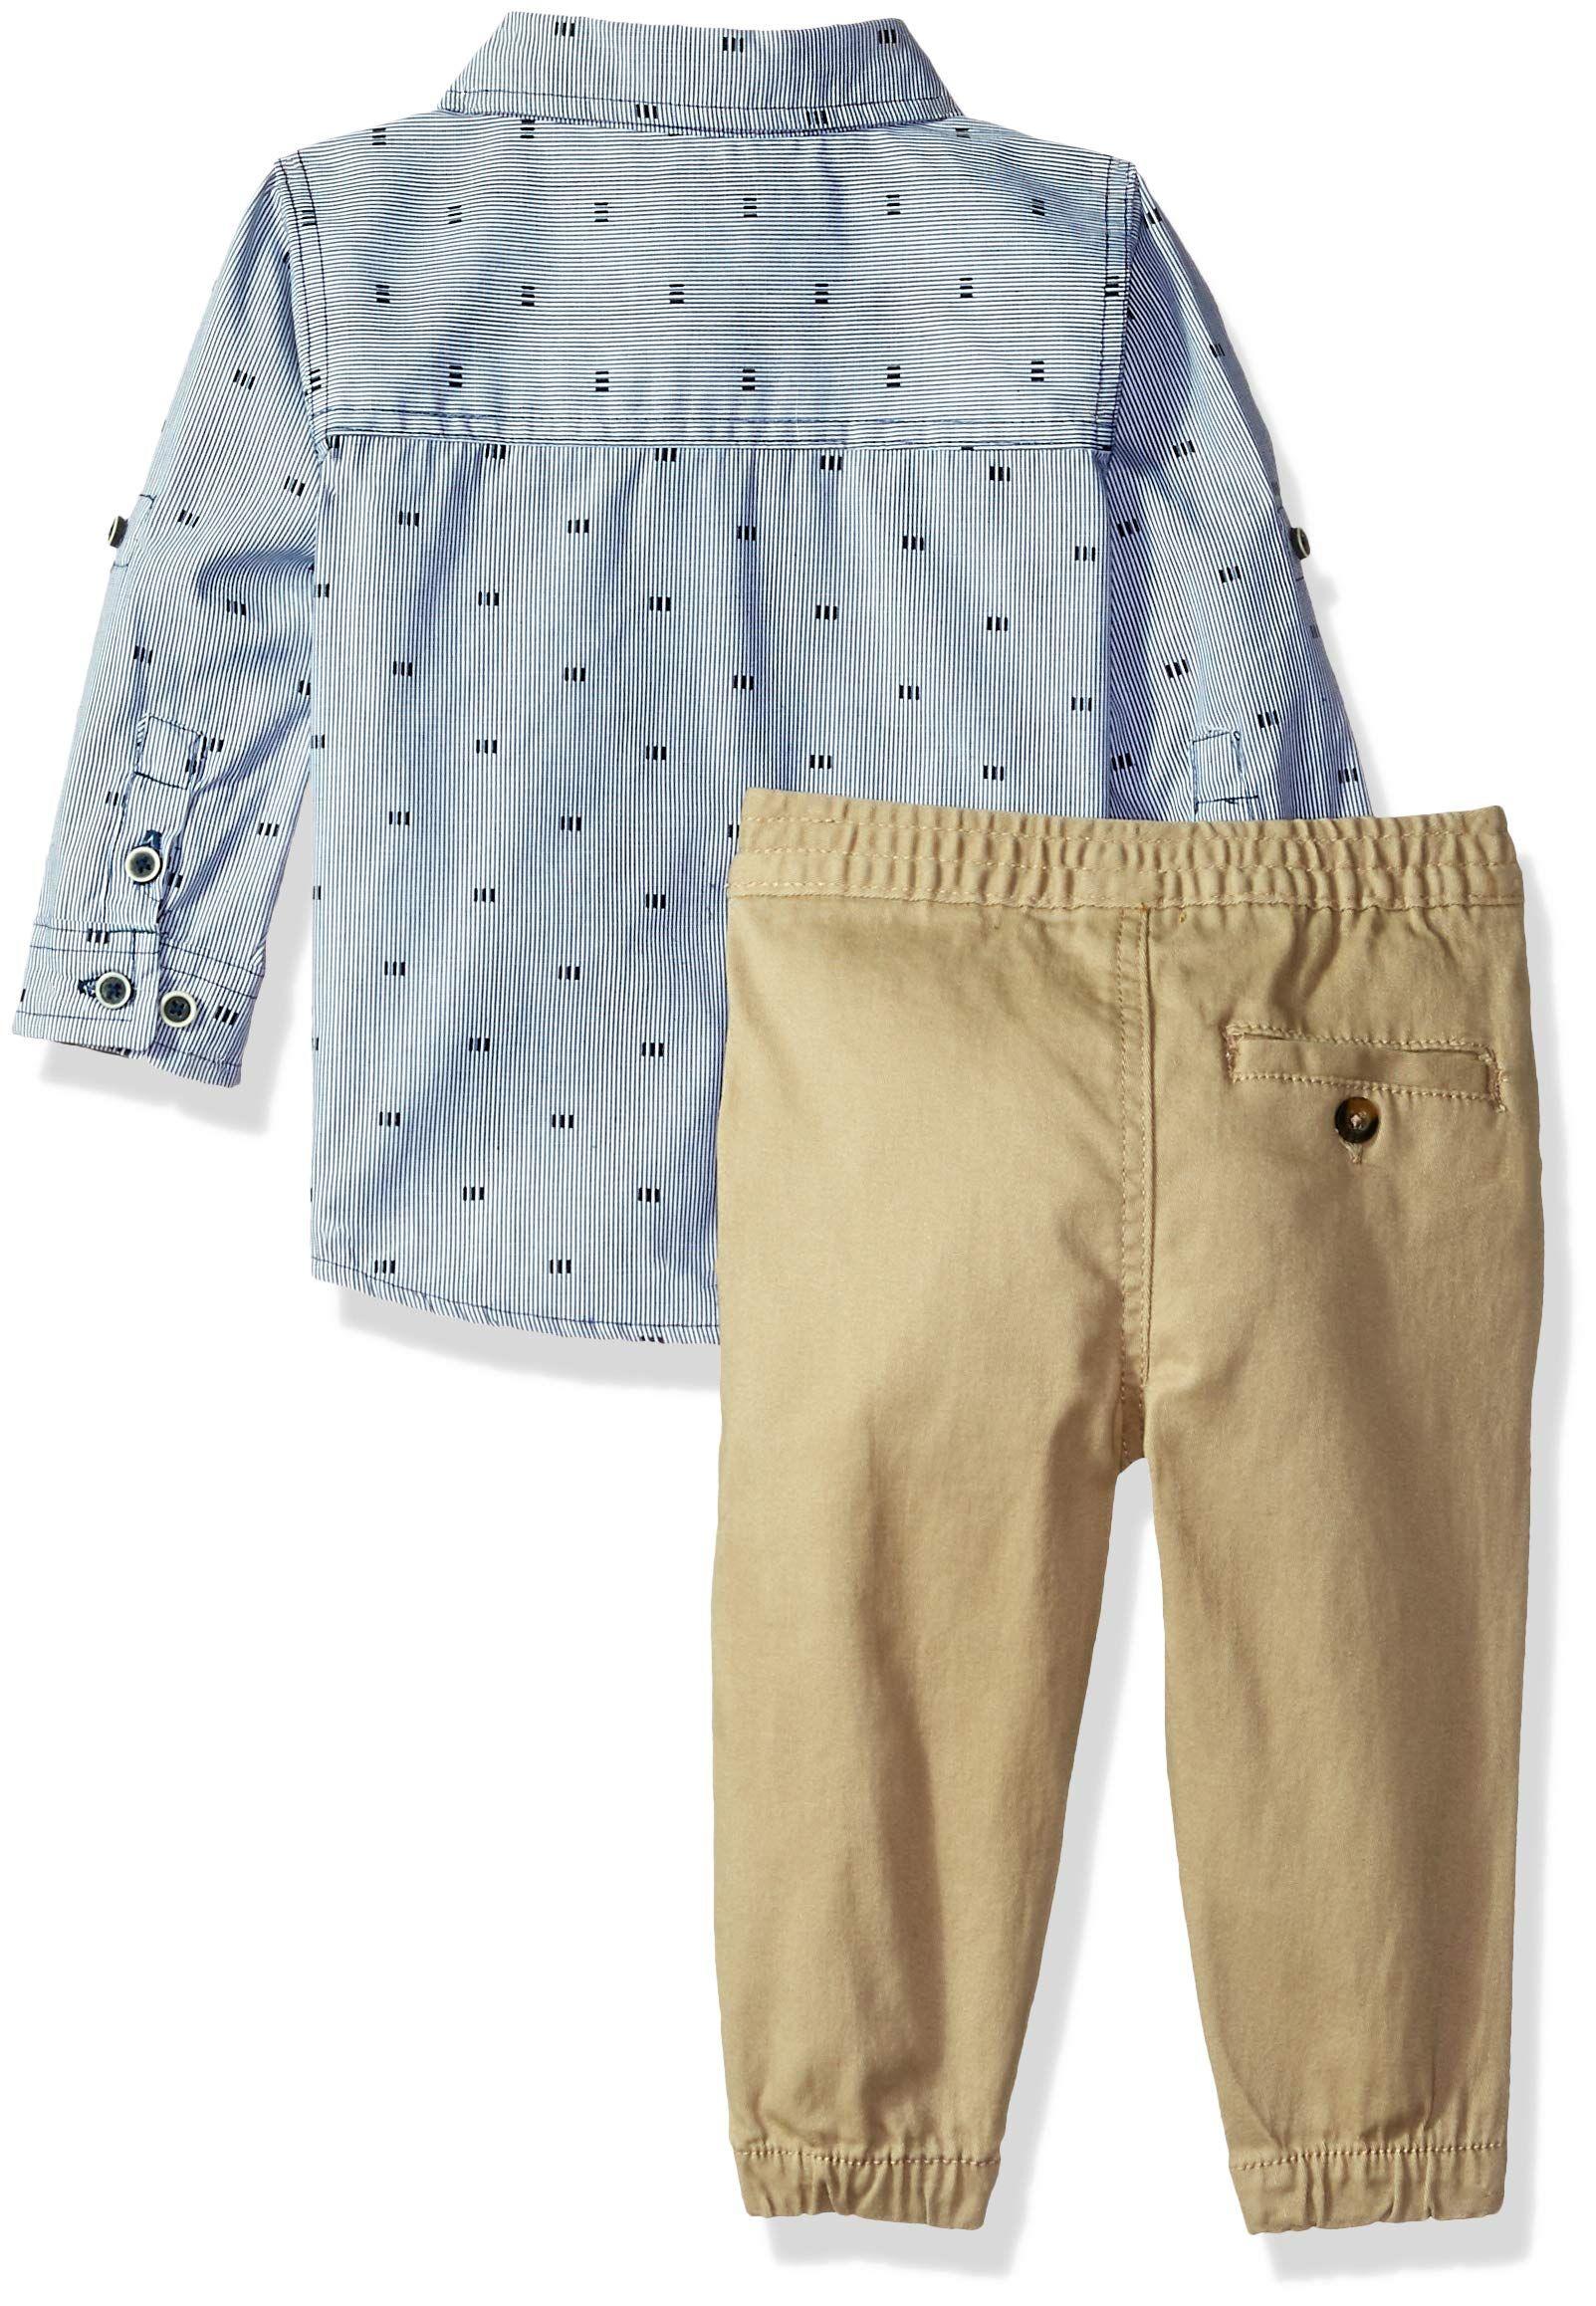 Baby Boys Sleeve U.S.POLO ASSN T-Shirt and Short Set